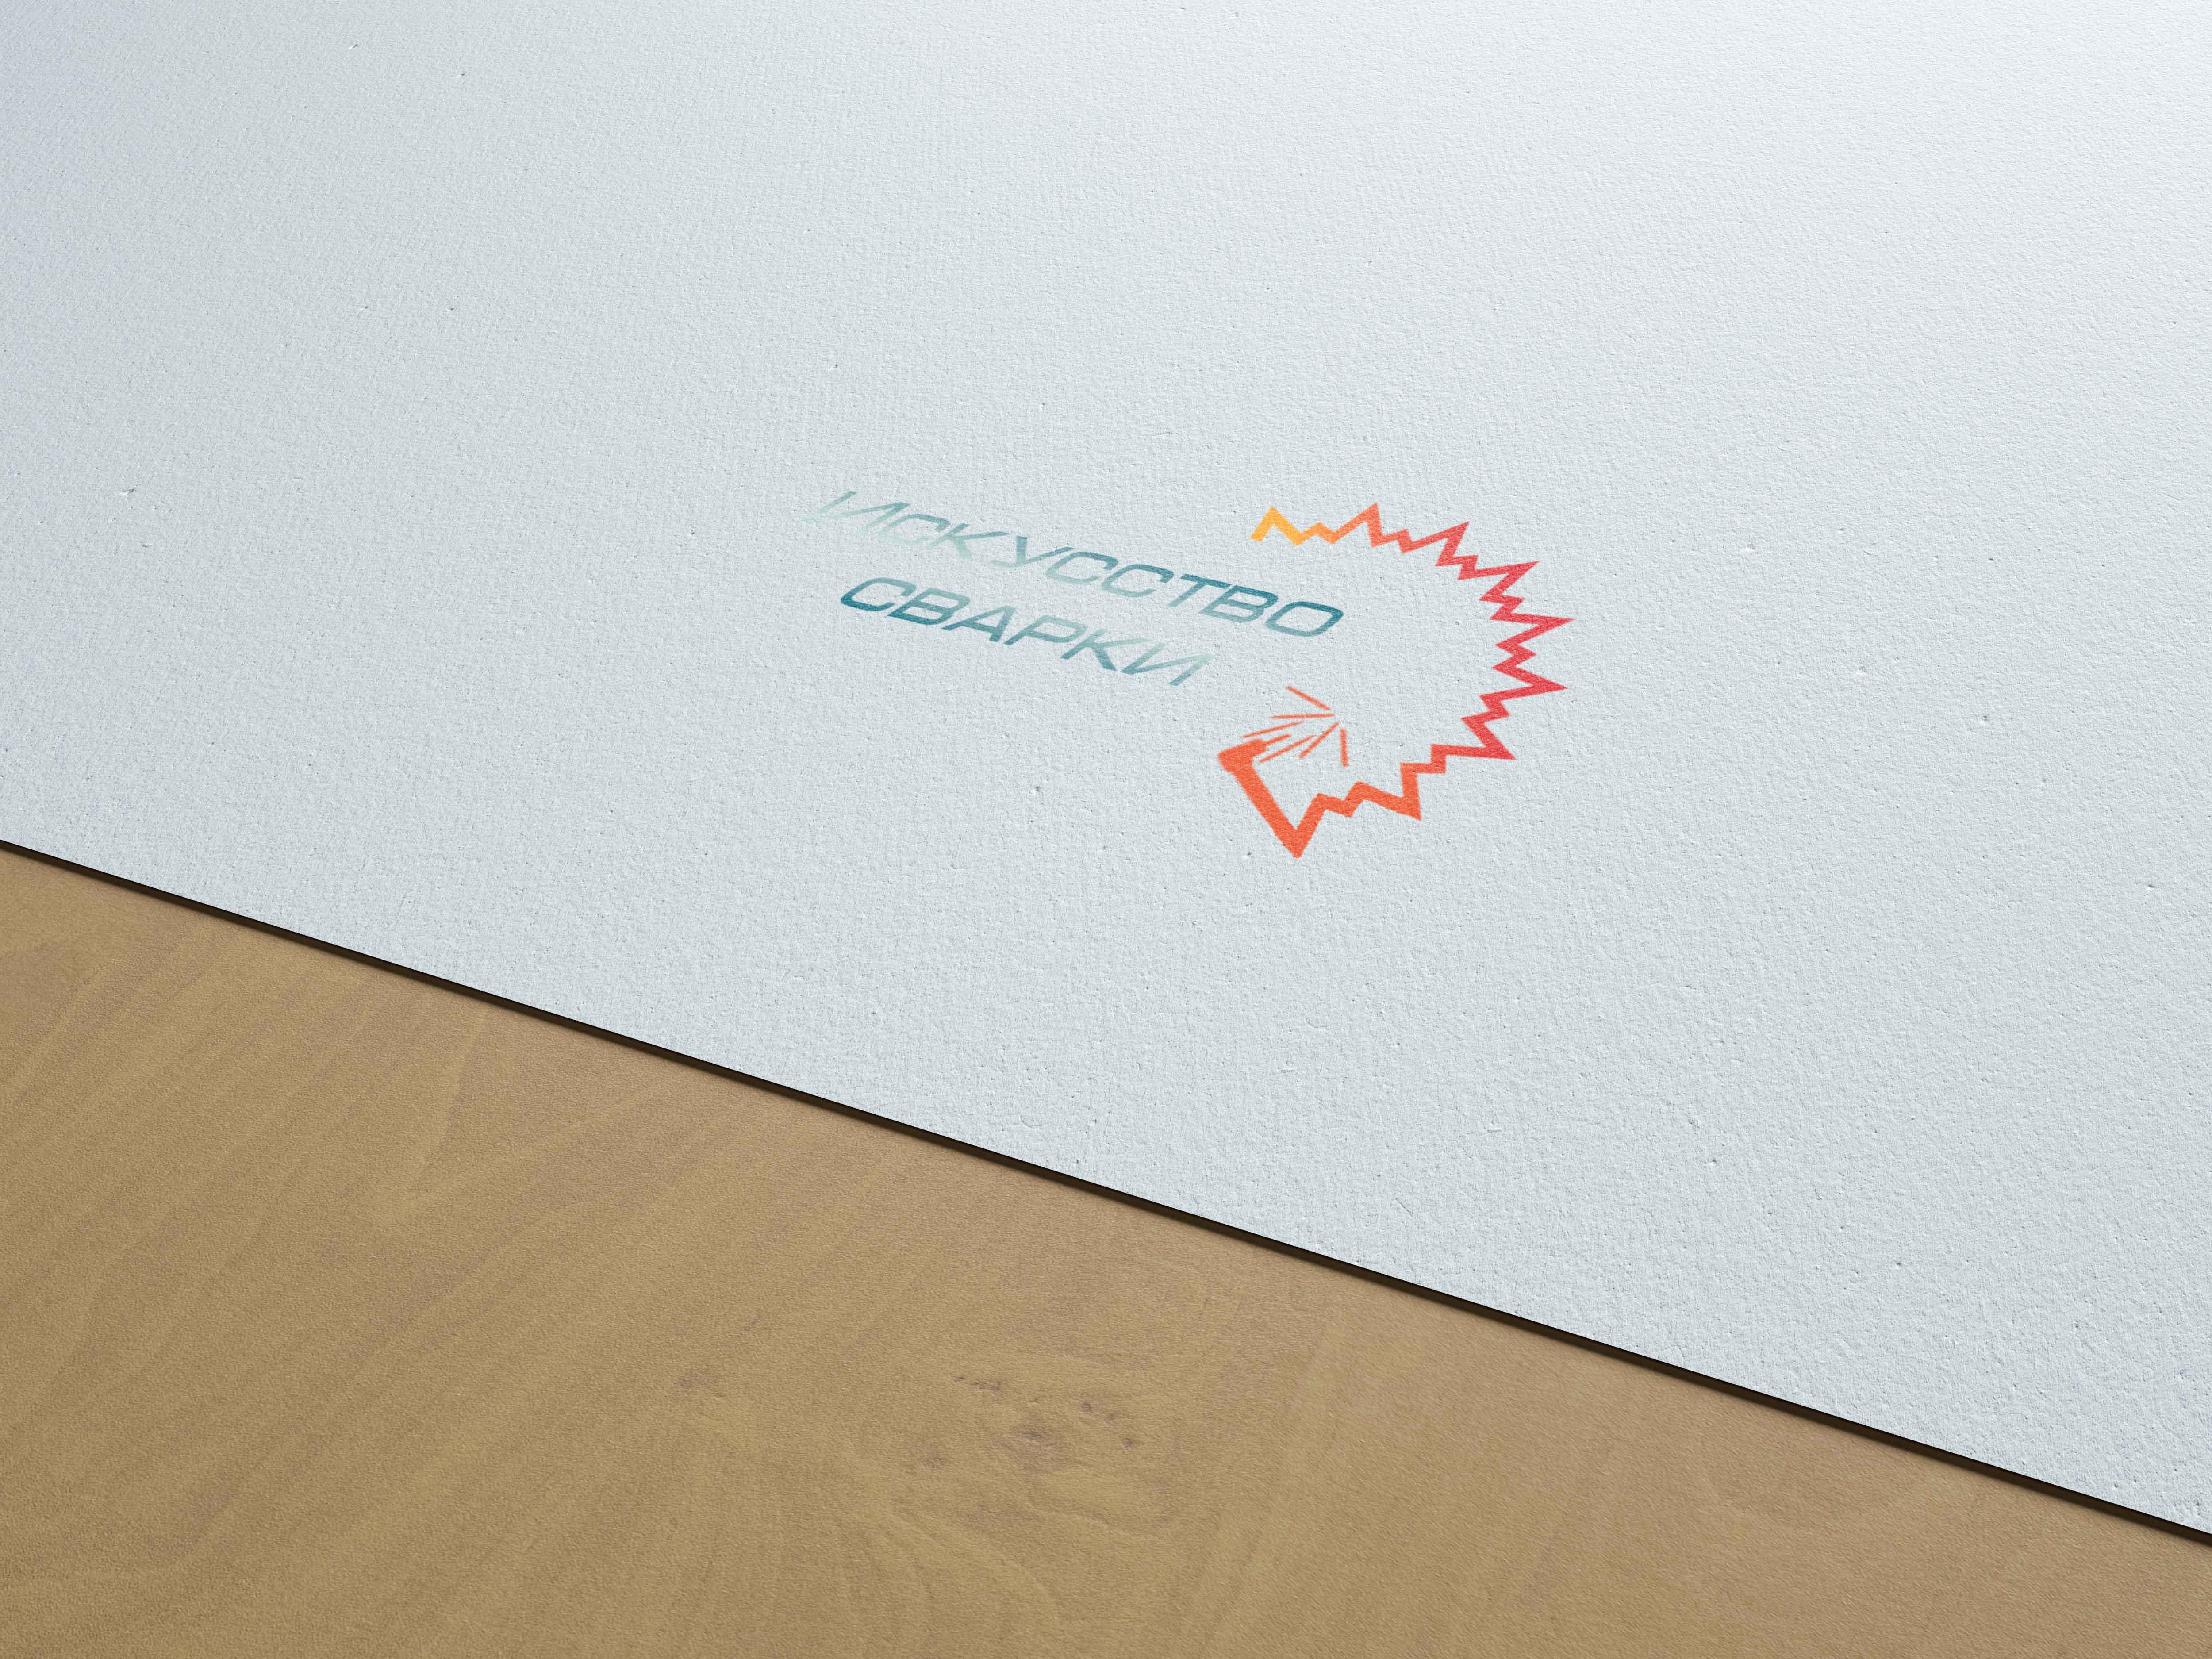 Разработка логотипа для Конкурса фото f_4355f6cfe3faa0a7.jpg